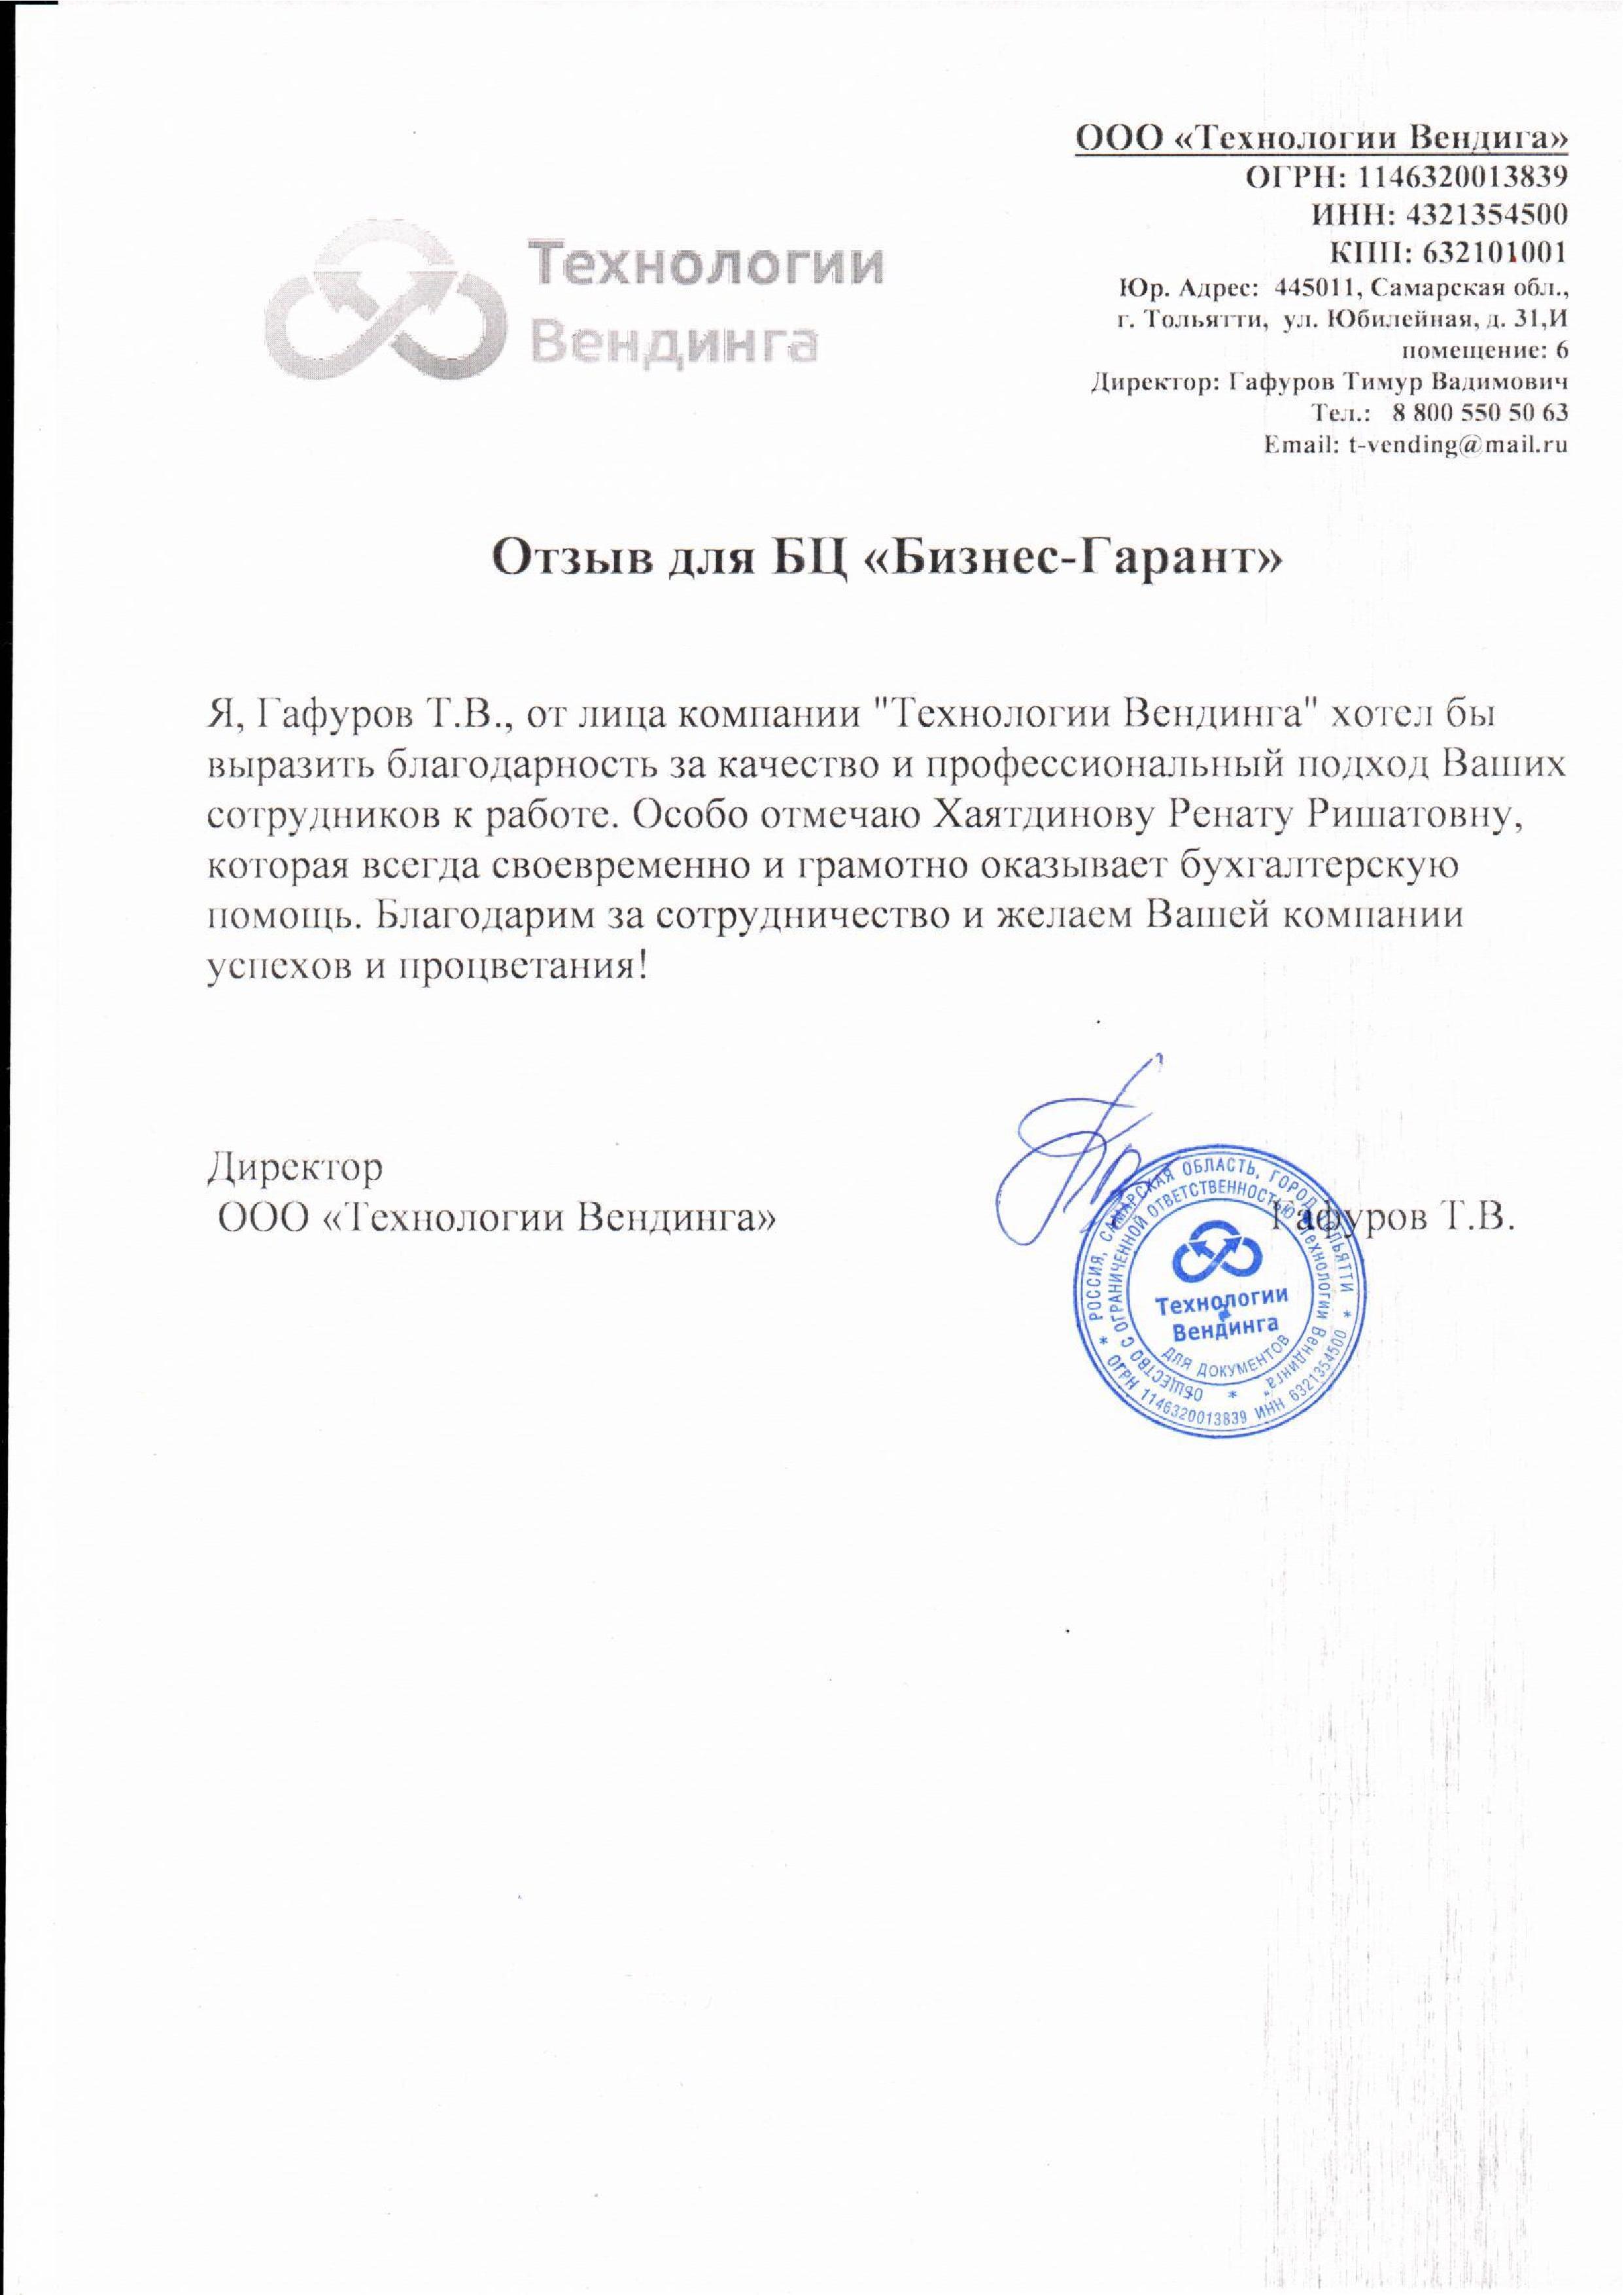 Услуги по сопровождению налоговых споров в Самаре и Тольятти Оригинал отзыва